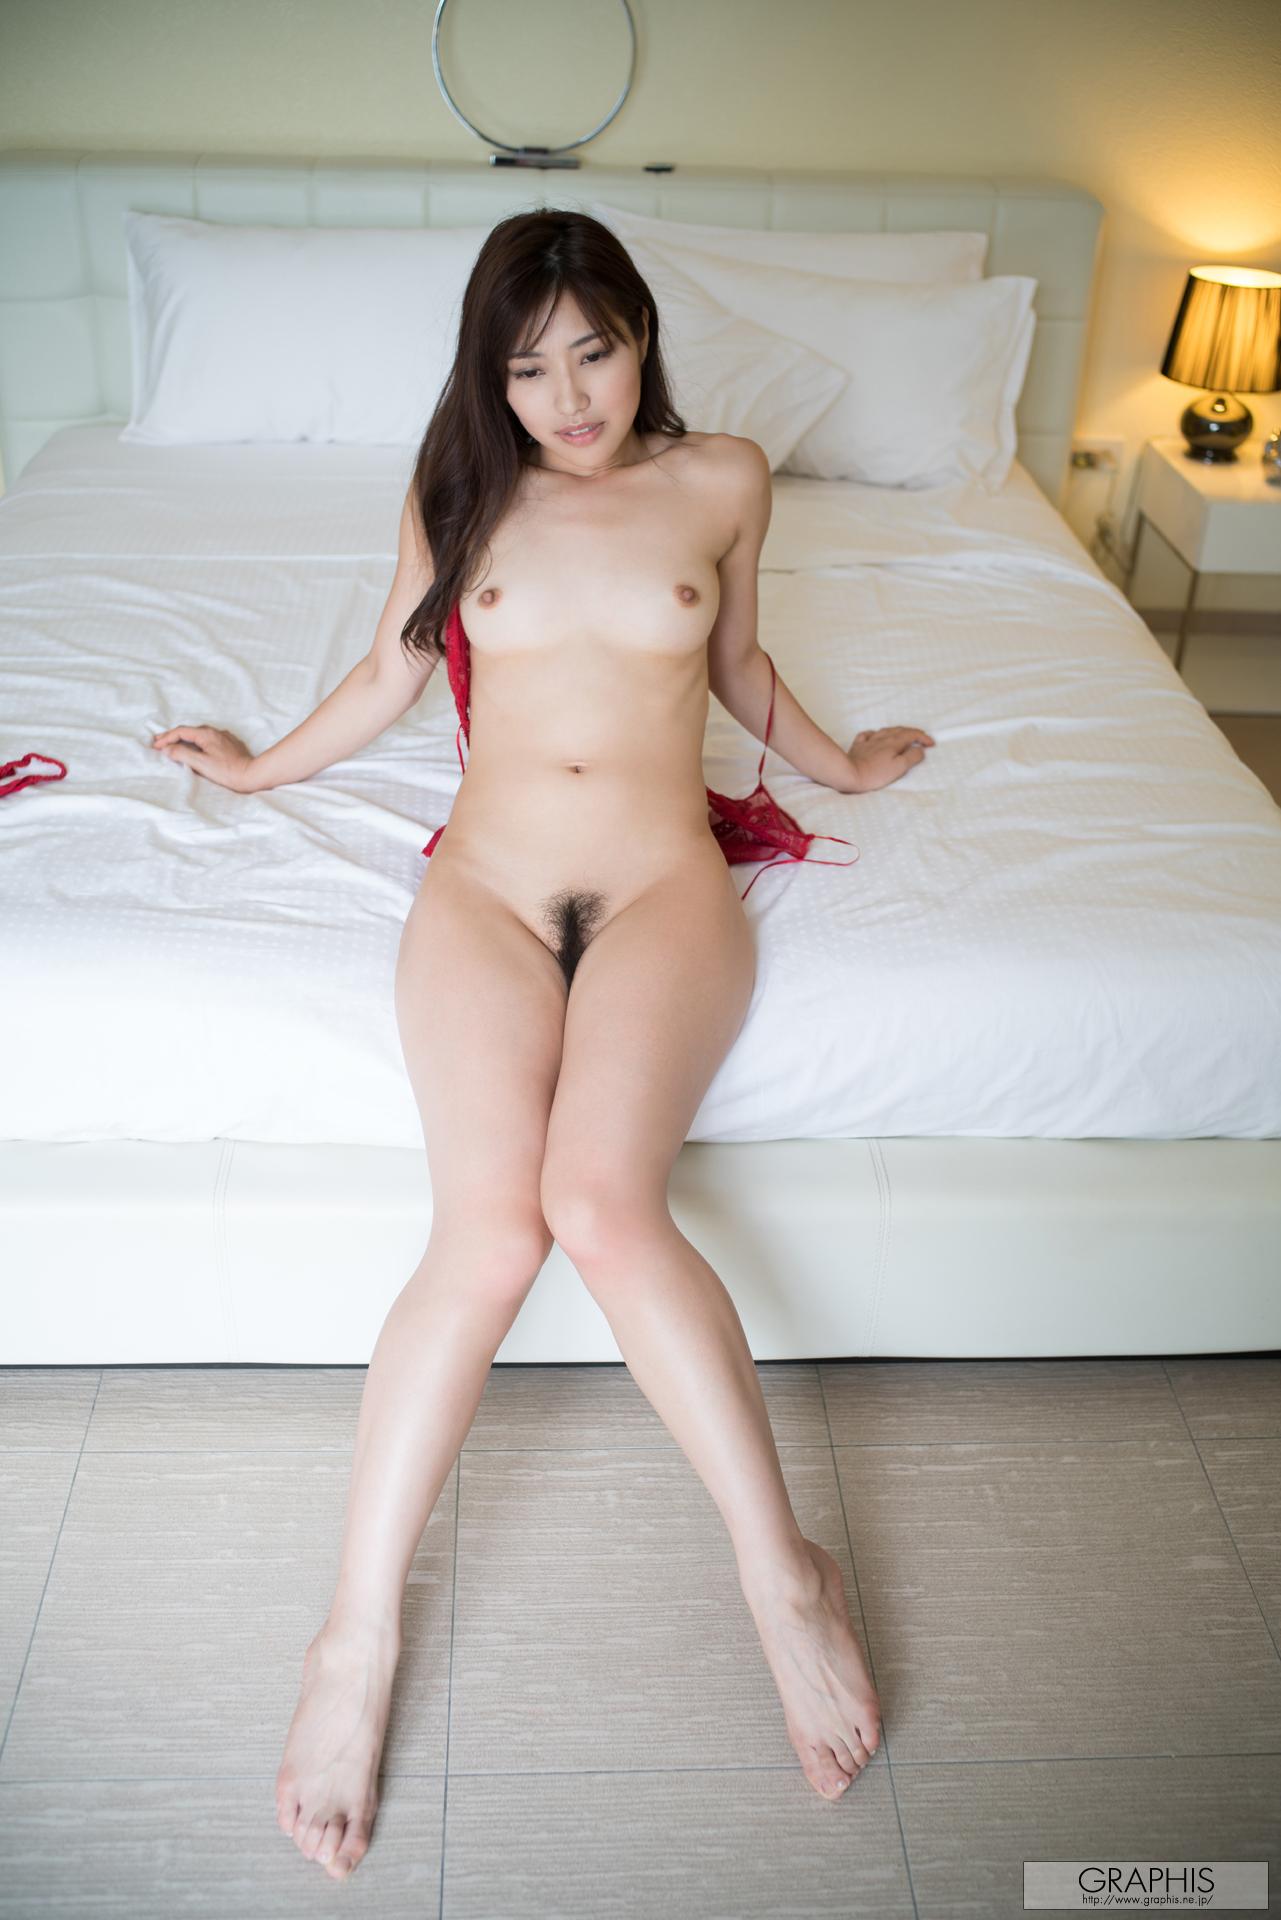 image http://scanlover.com/assets/images/3774-sHBmiHB7n6BodxRf.jpeg